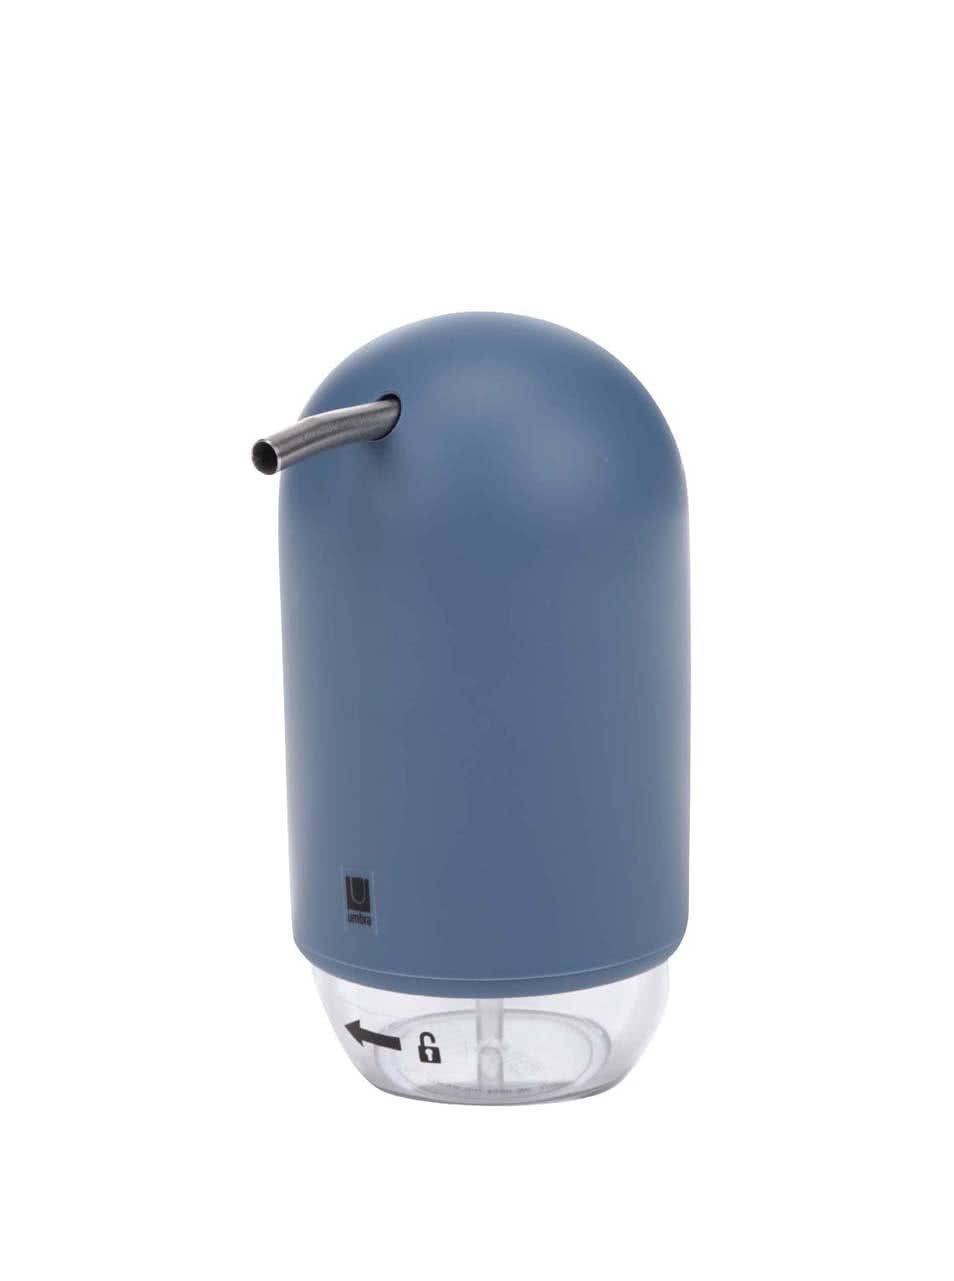 Modrý dávkovač na mýdlo Umbra Touch